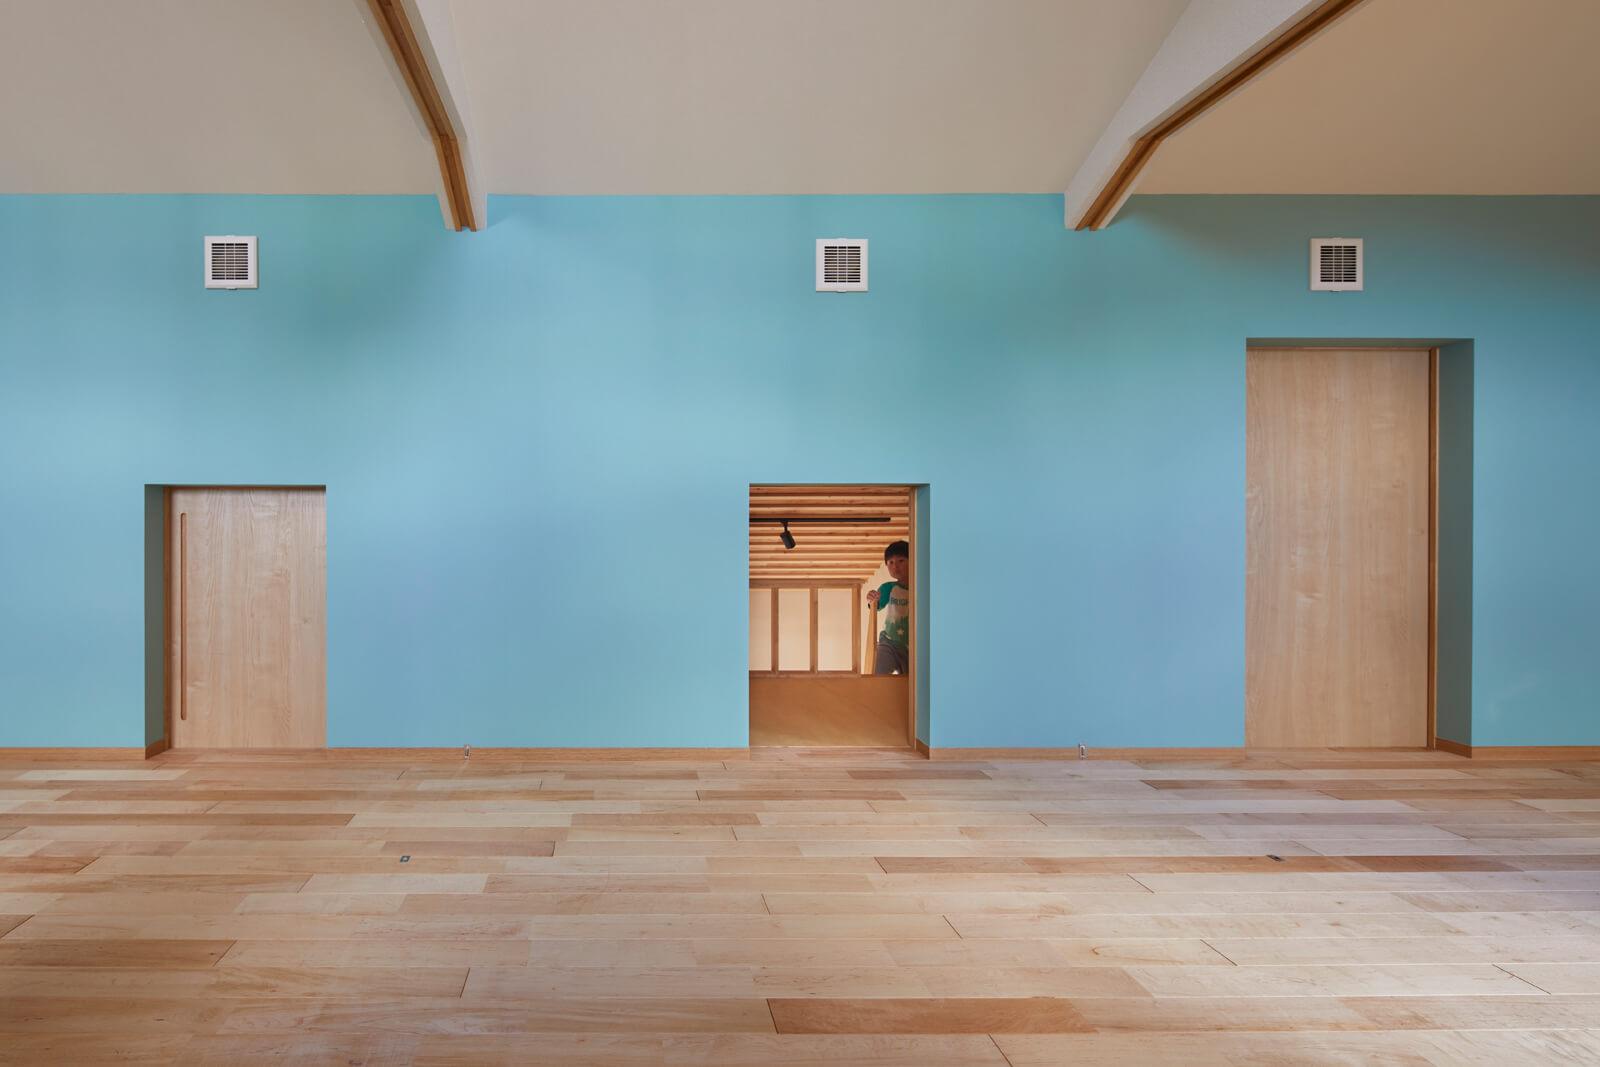 1階洋室のロフトは2階の子ども部屋にもつながっている。子ども部屋は水色のアクセントウォールとカエデ無垢床が優しい雰囲気を演出